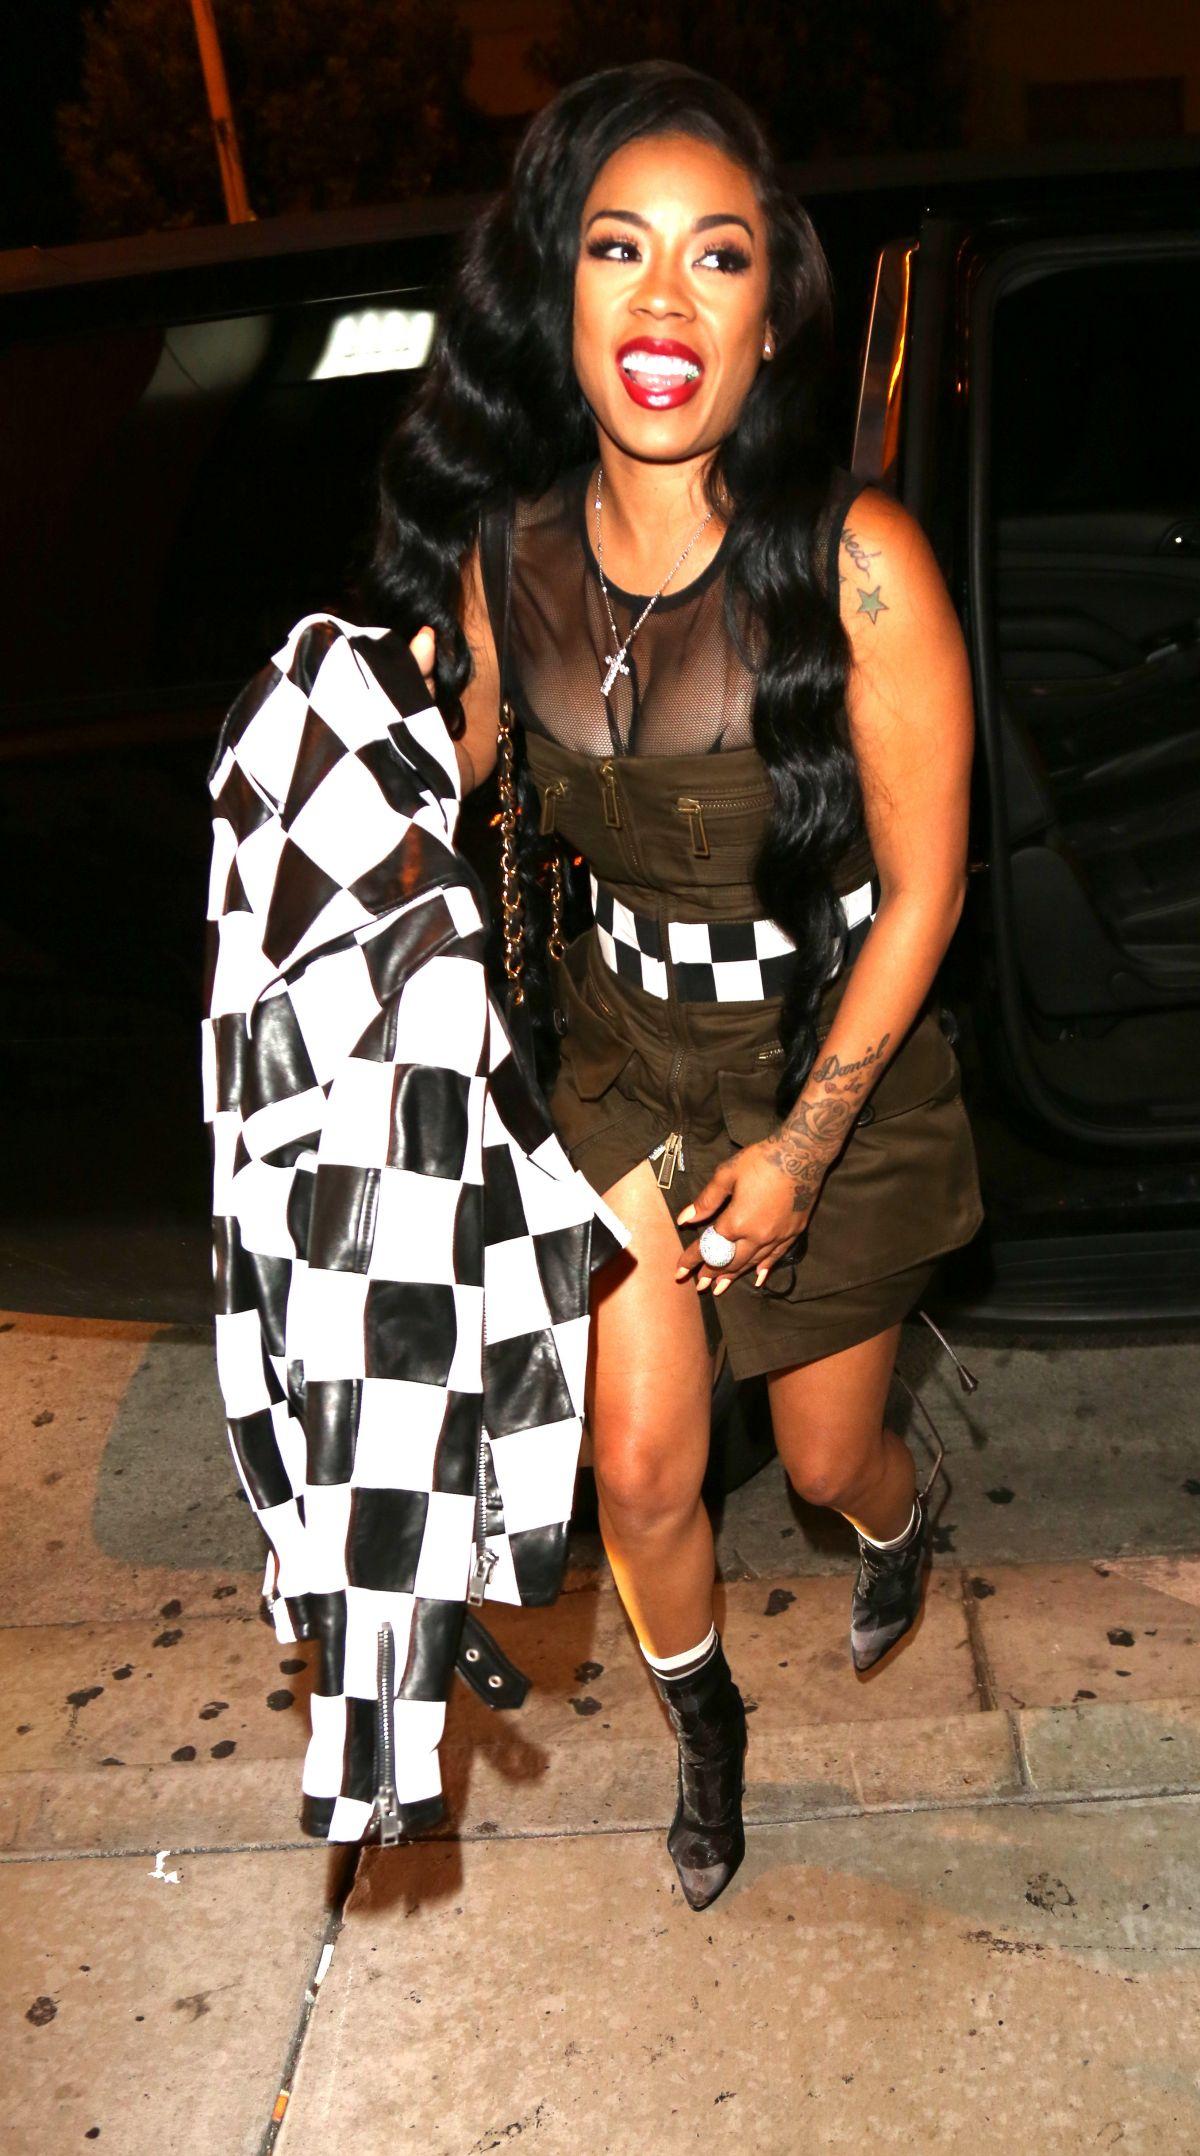 KEYSHIA COLE at Catch LA in West Hollywood 06/14/2017 ...